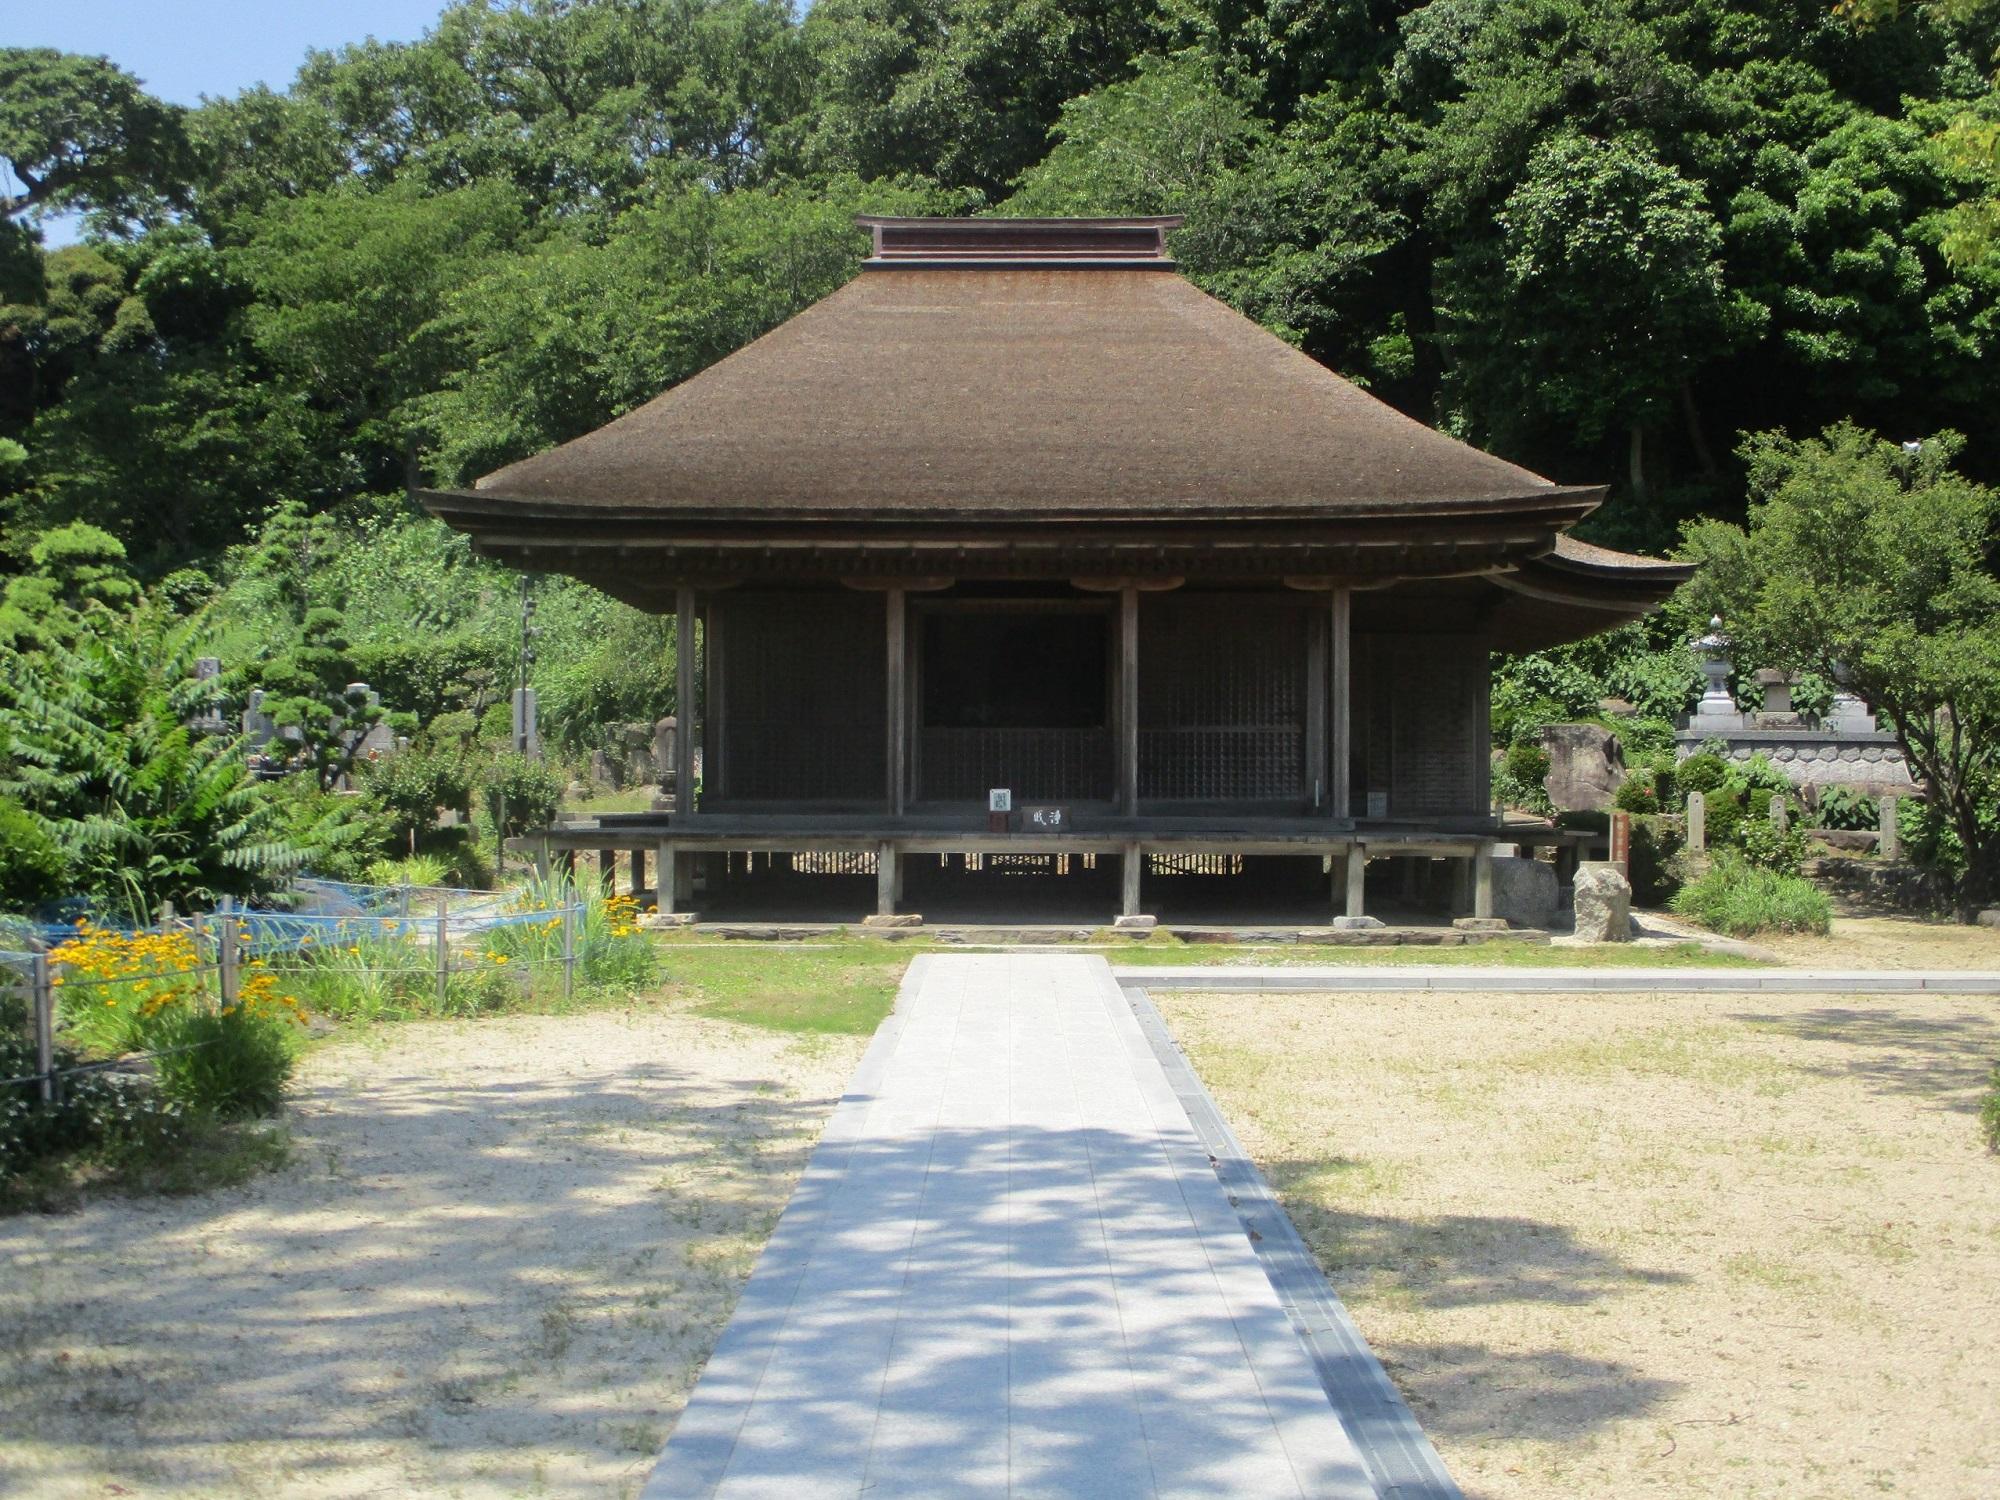 2020.5.29 (15) 金蓮寺弥陀堂 2000-1500